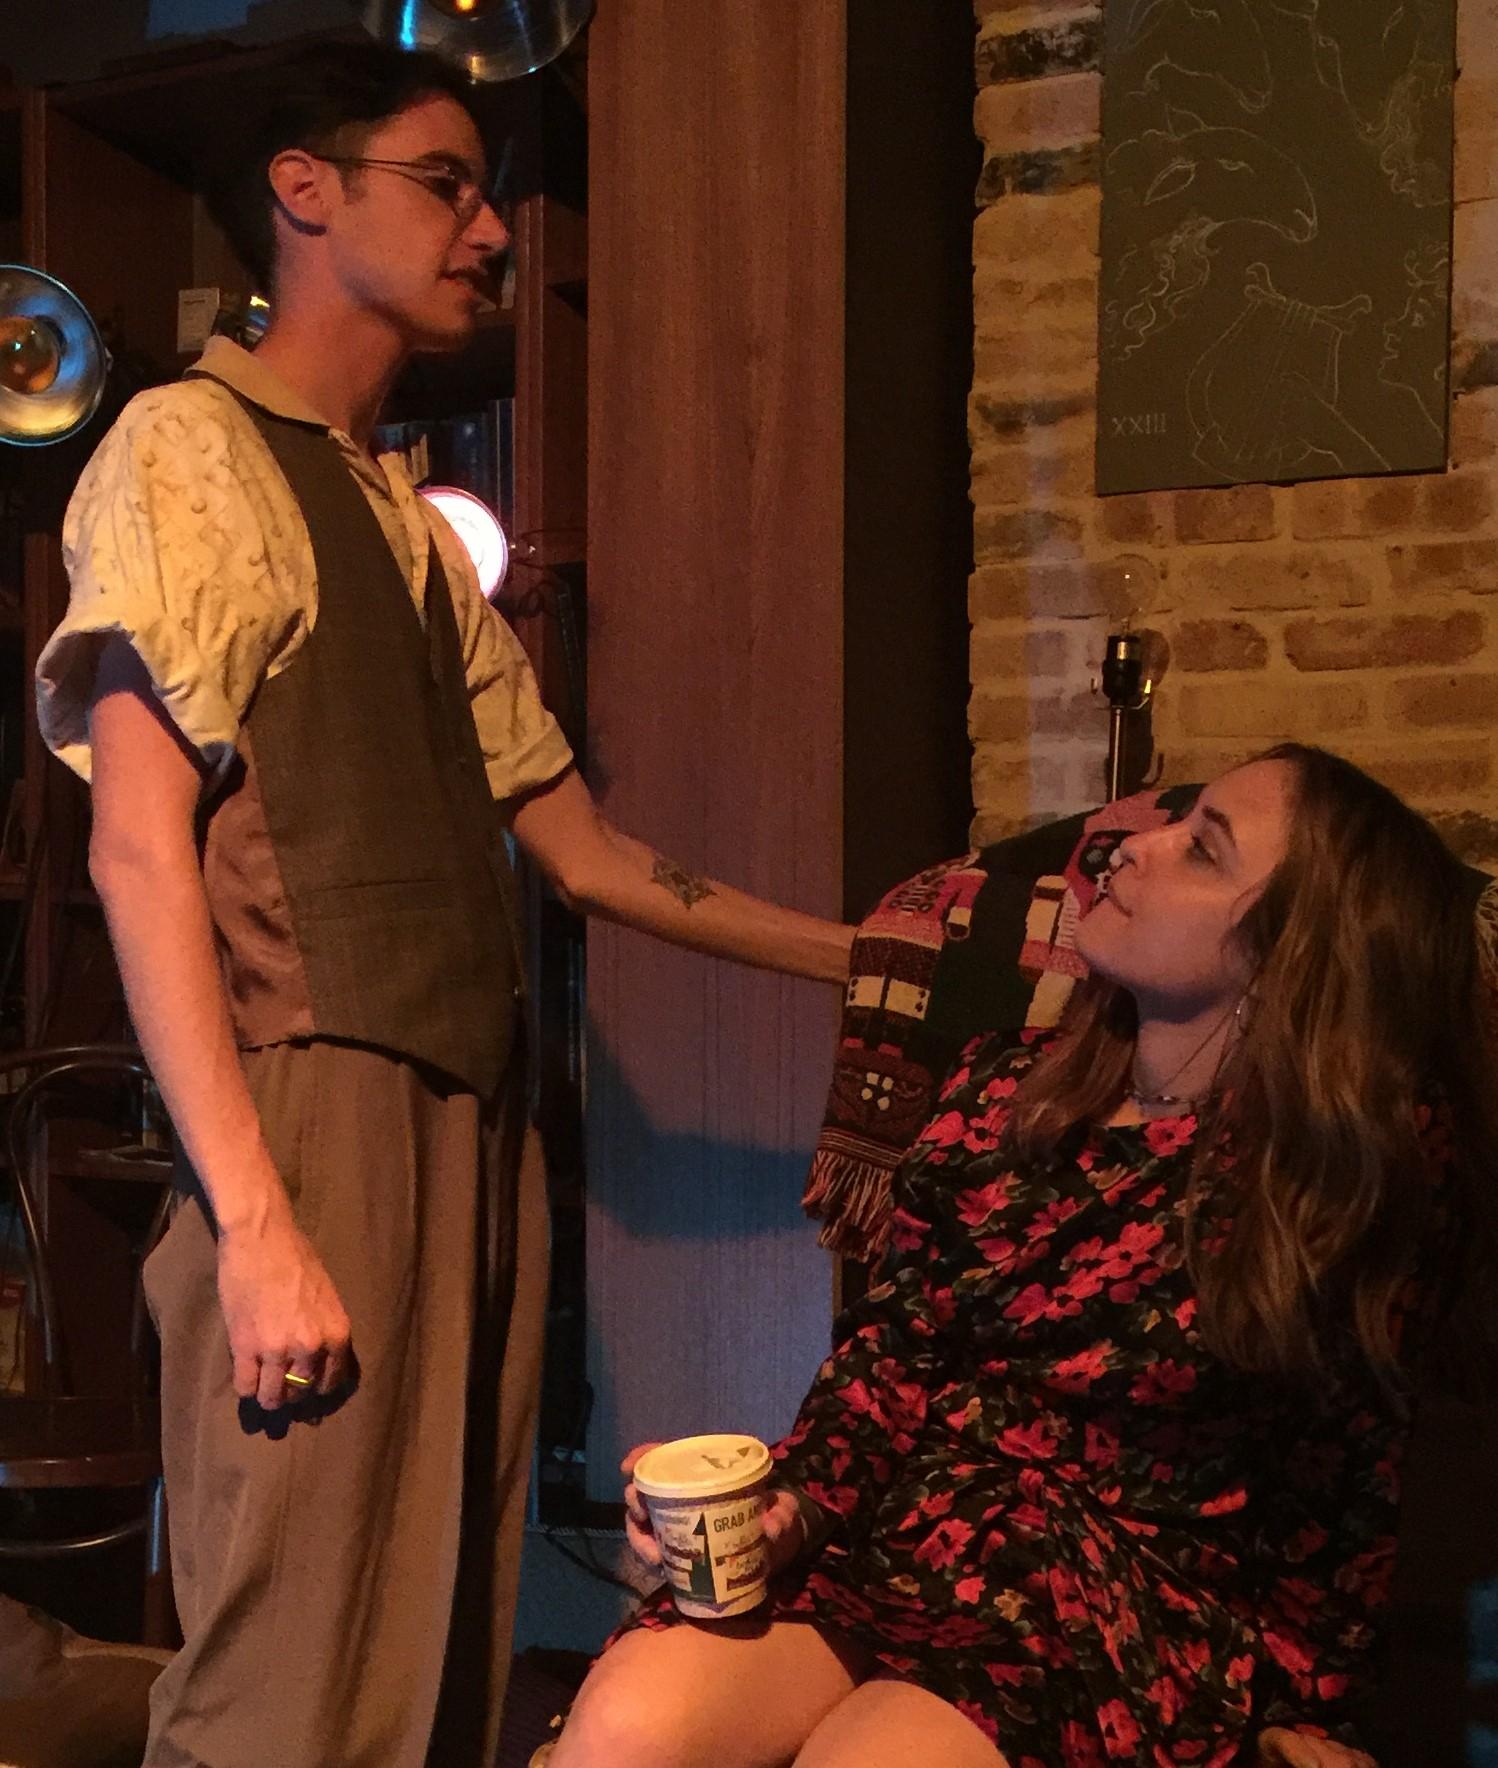 Tad D'Agostino as Leo confides in Alana (Anamari Mesa). Photo by Di Di Chan.